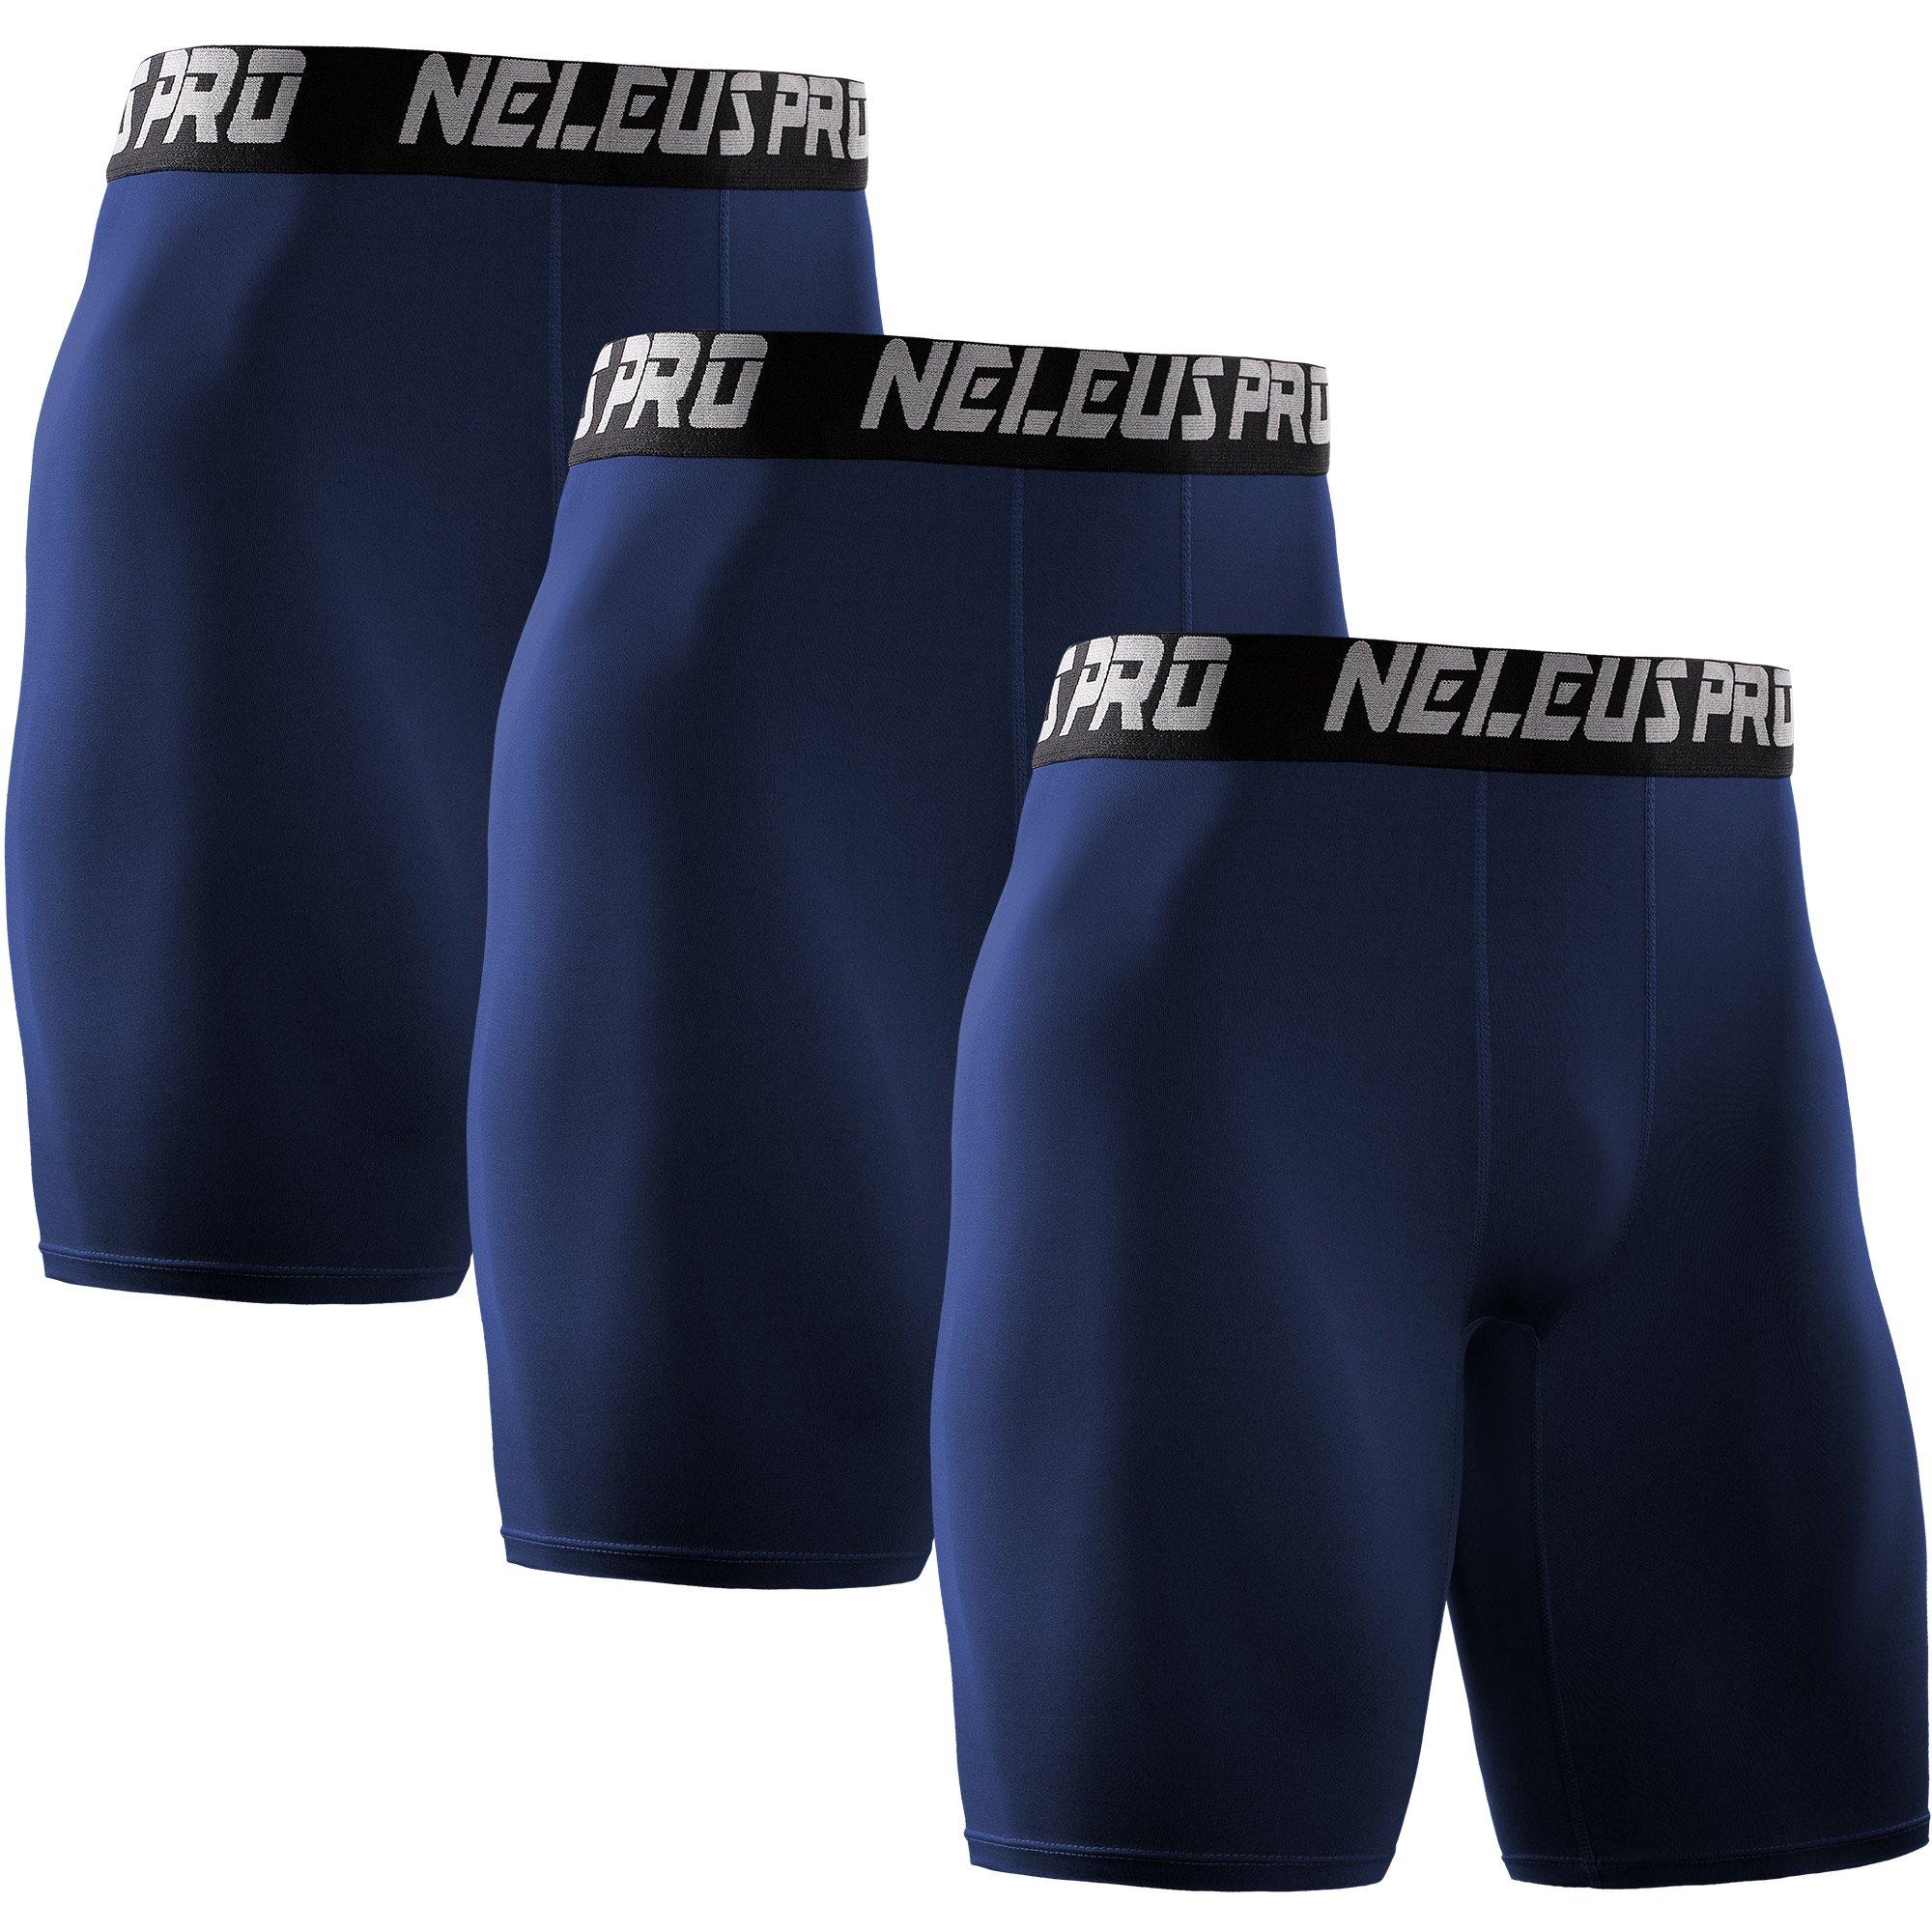 Neleus Men's 3 Pack Athletic Compression Short,6028,Navy Blue,US S,EU M by Neleus